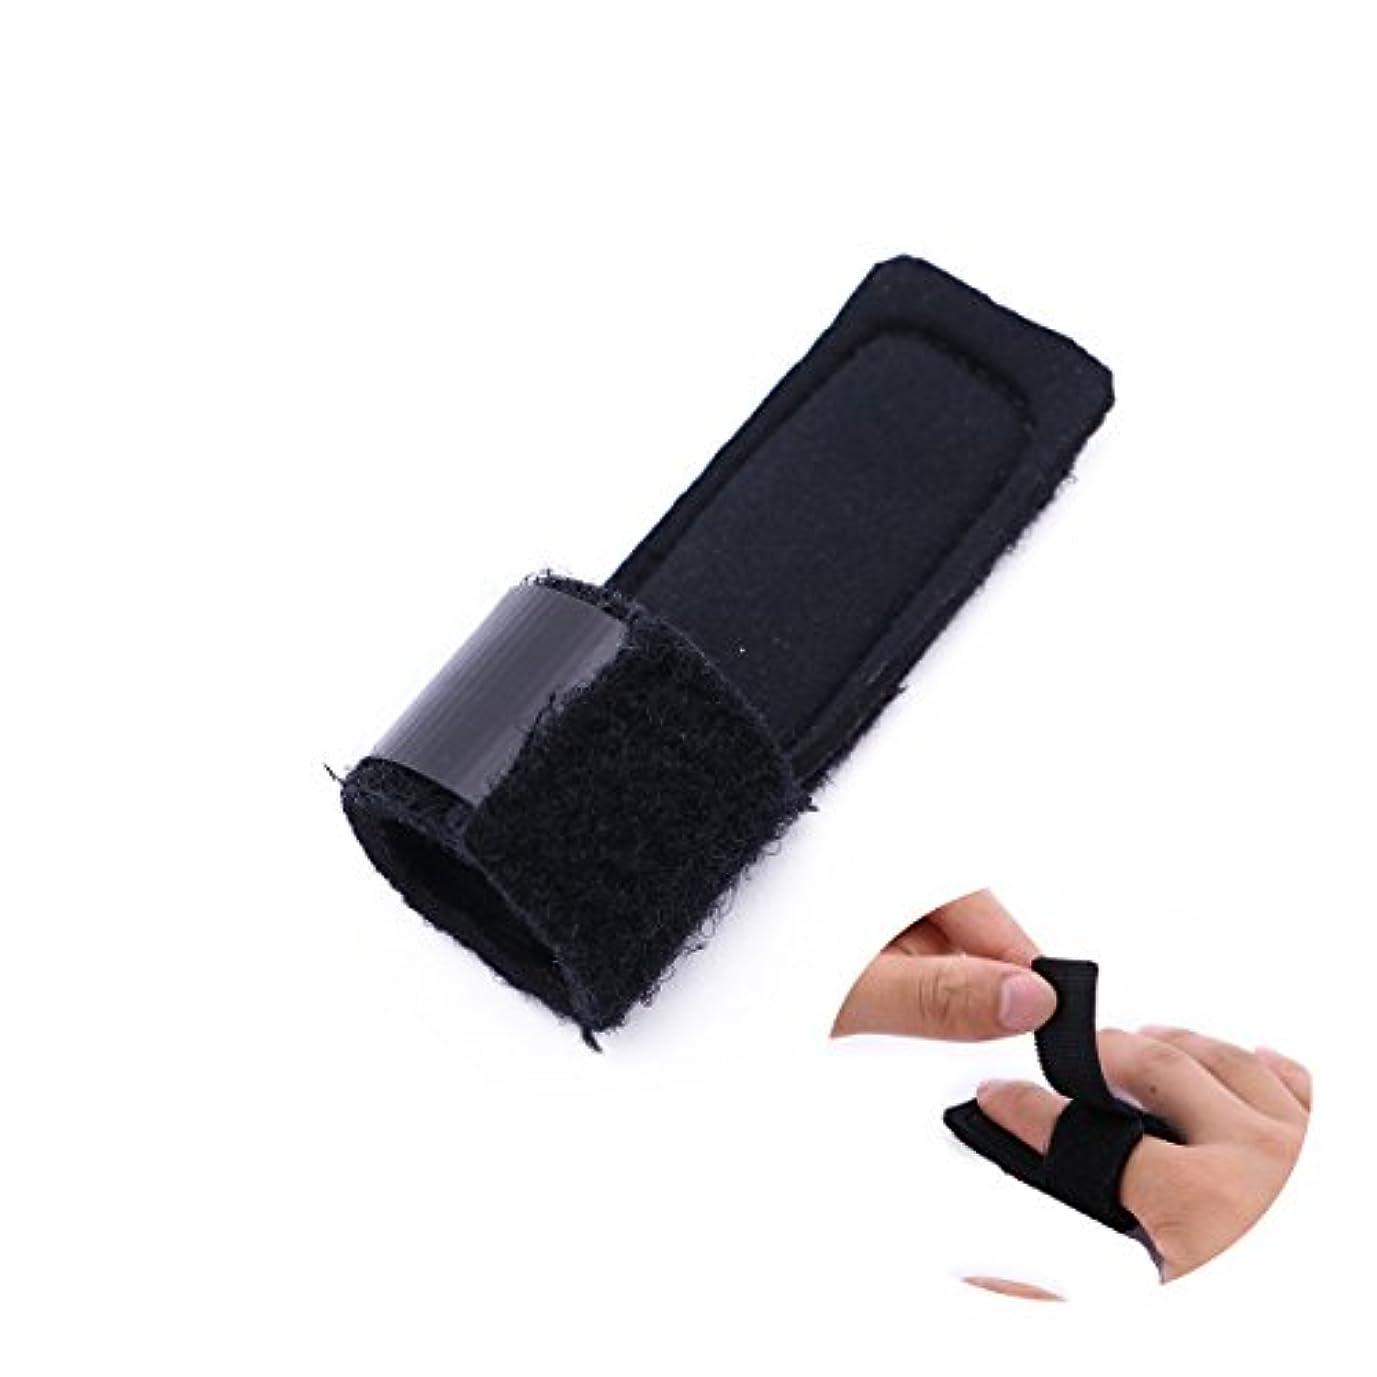 ブラケット作り上げる必要条件SUPVOX 指の添え木マレット指の支柱の引き金のための骨折の接合箇所の添え木プロテクター